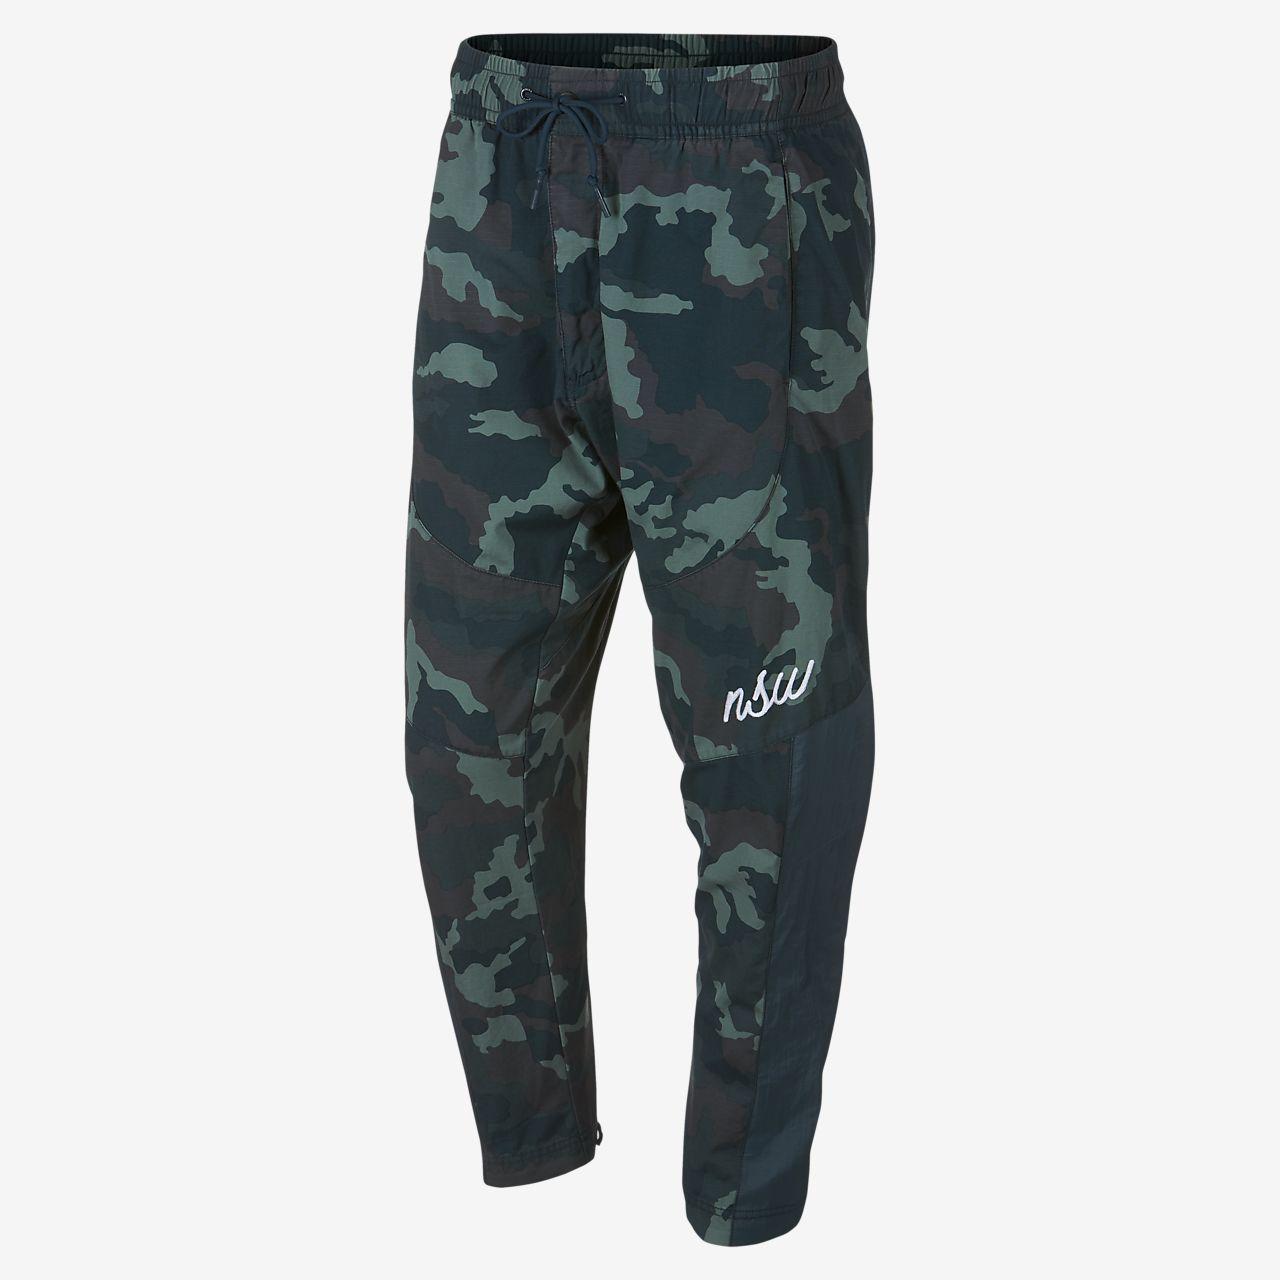 Tejidos De Estampado Con Para Camuflaje Entrenamiento Pantalones wv7ESw